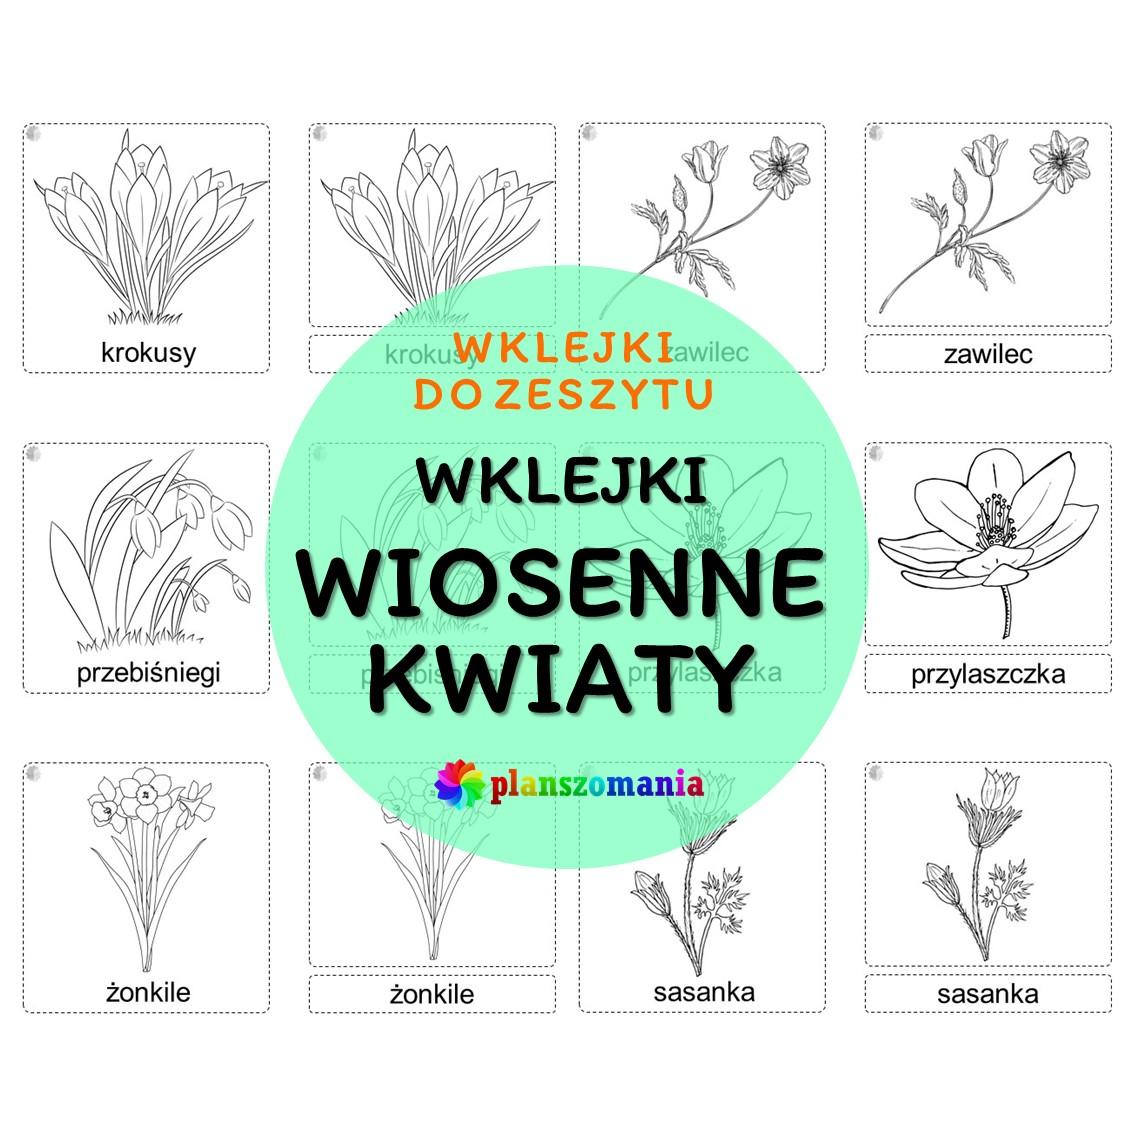 wklejki wiosenne kwiaty przebiśniegi sasanka zawilec wiosna plansze edukacja przedszkole planszomania do druku do zeszytu pdf